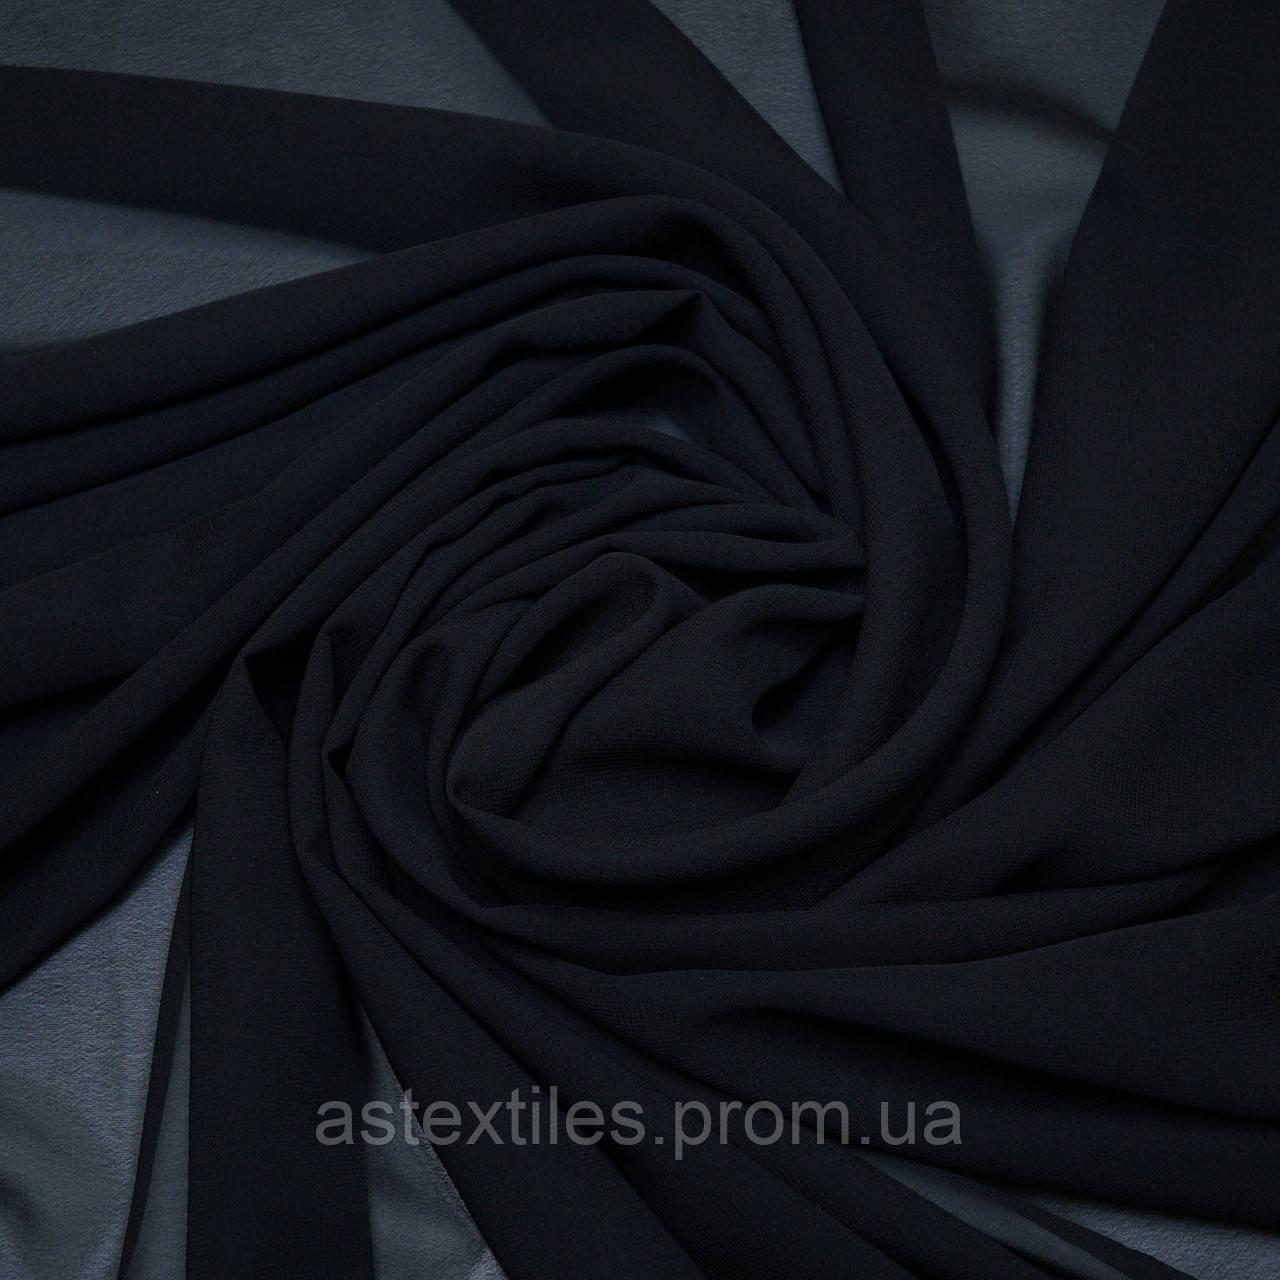 Шифон одежный однотонный (тёмно-синий)